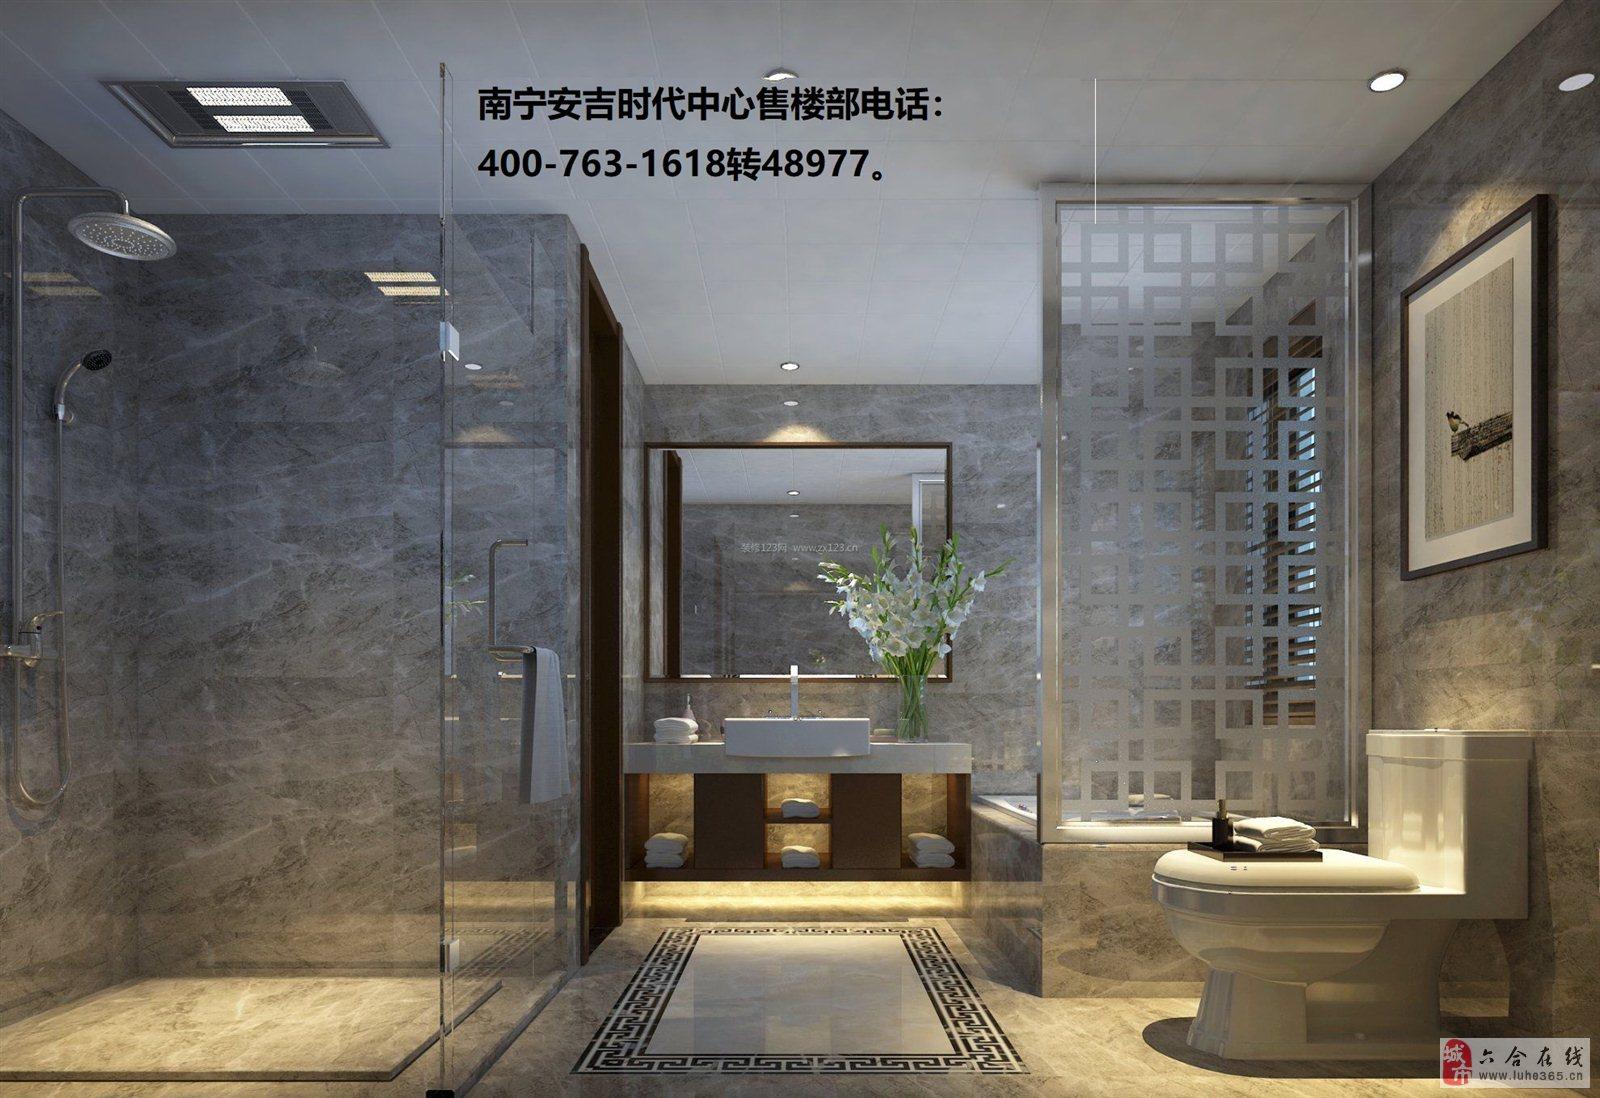 南宁安吉时代中心团购处楼盘报名入口!!!